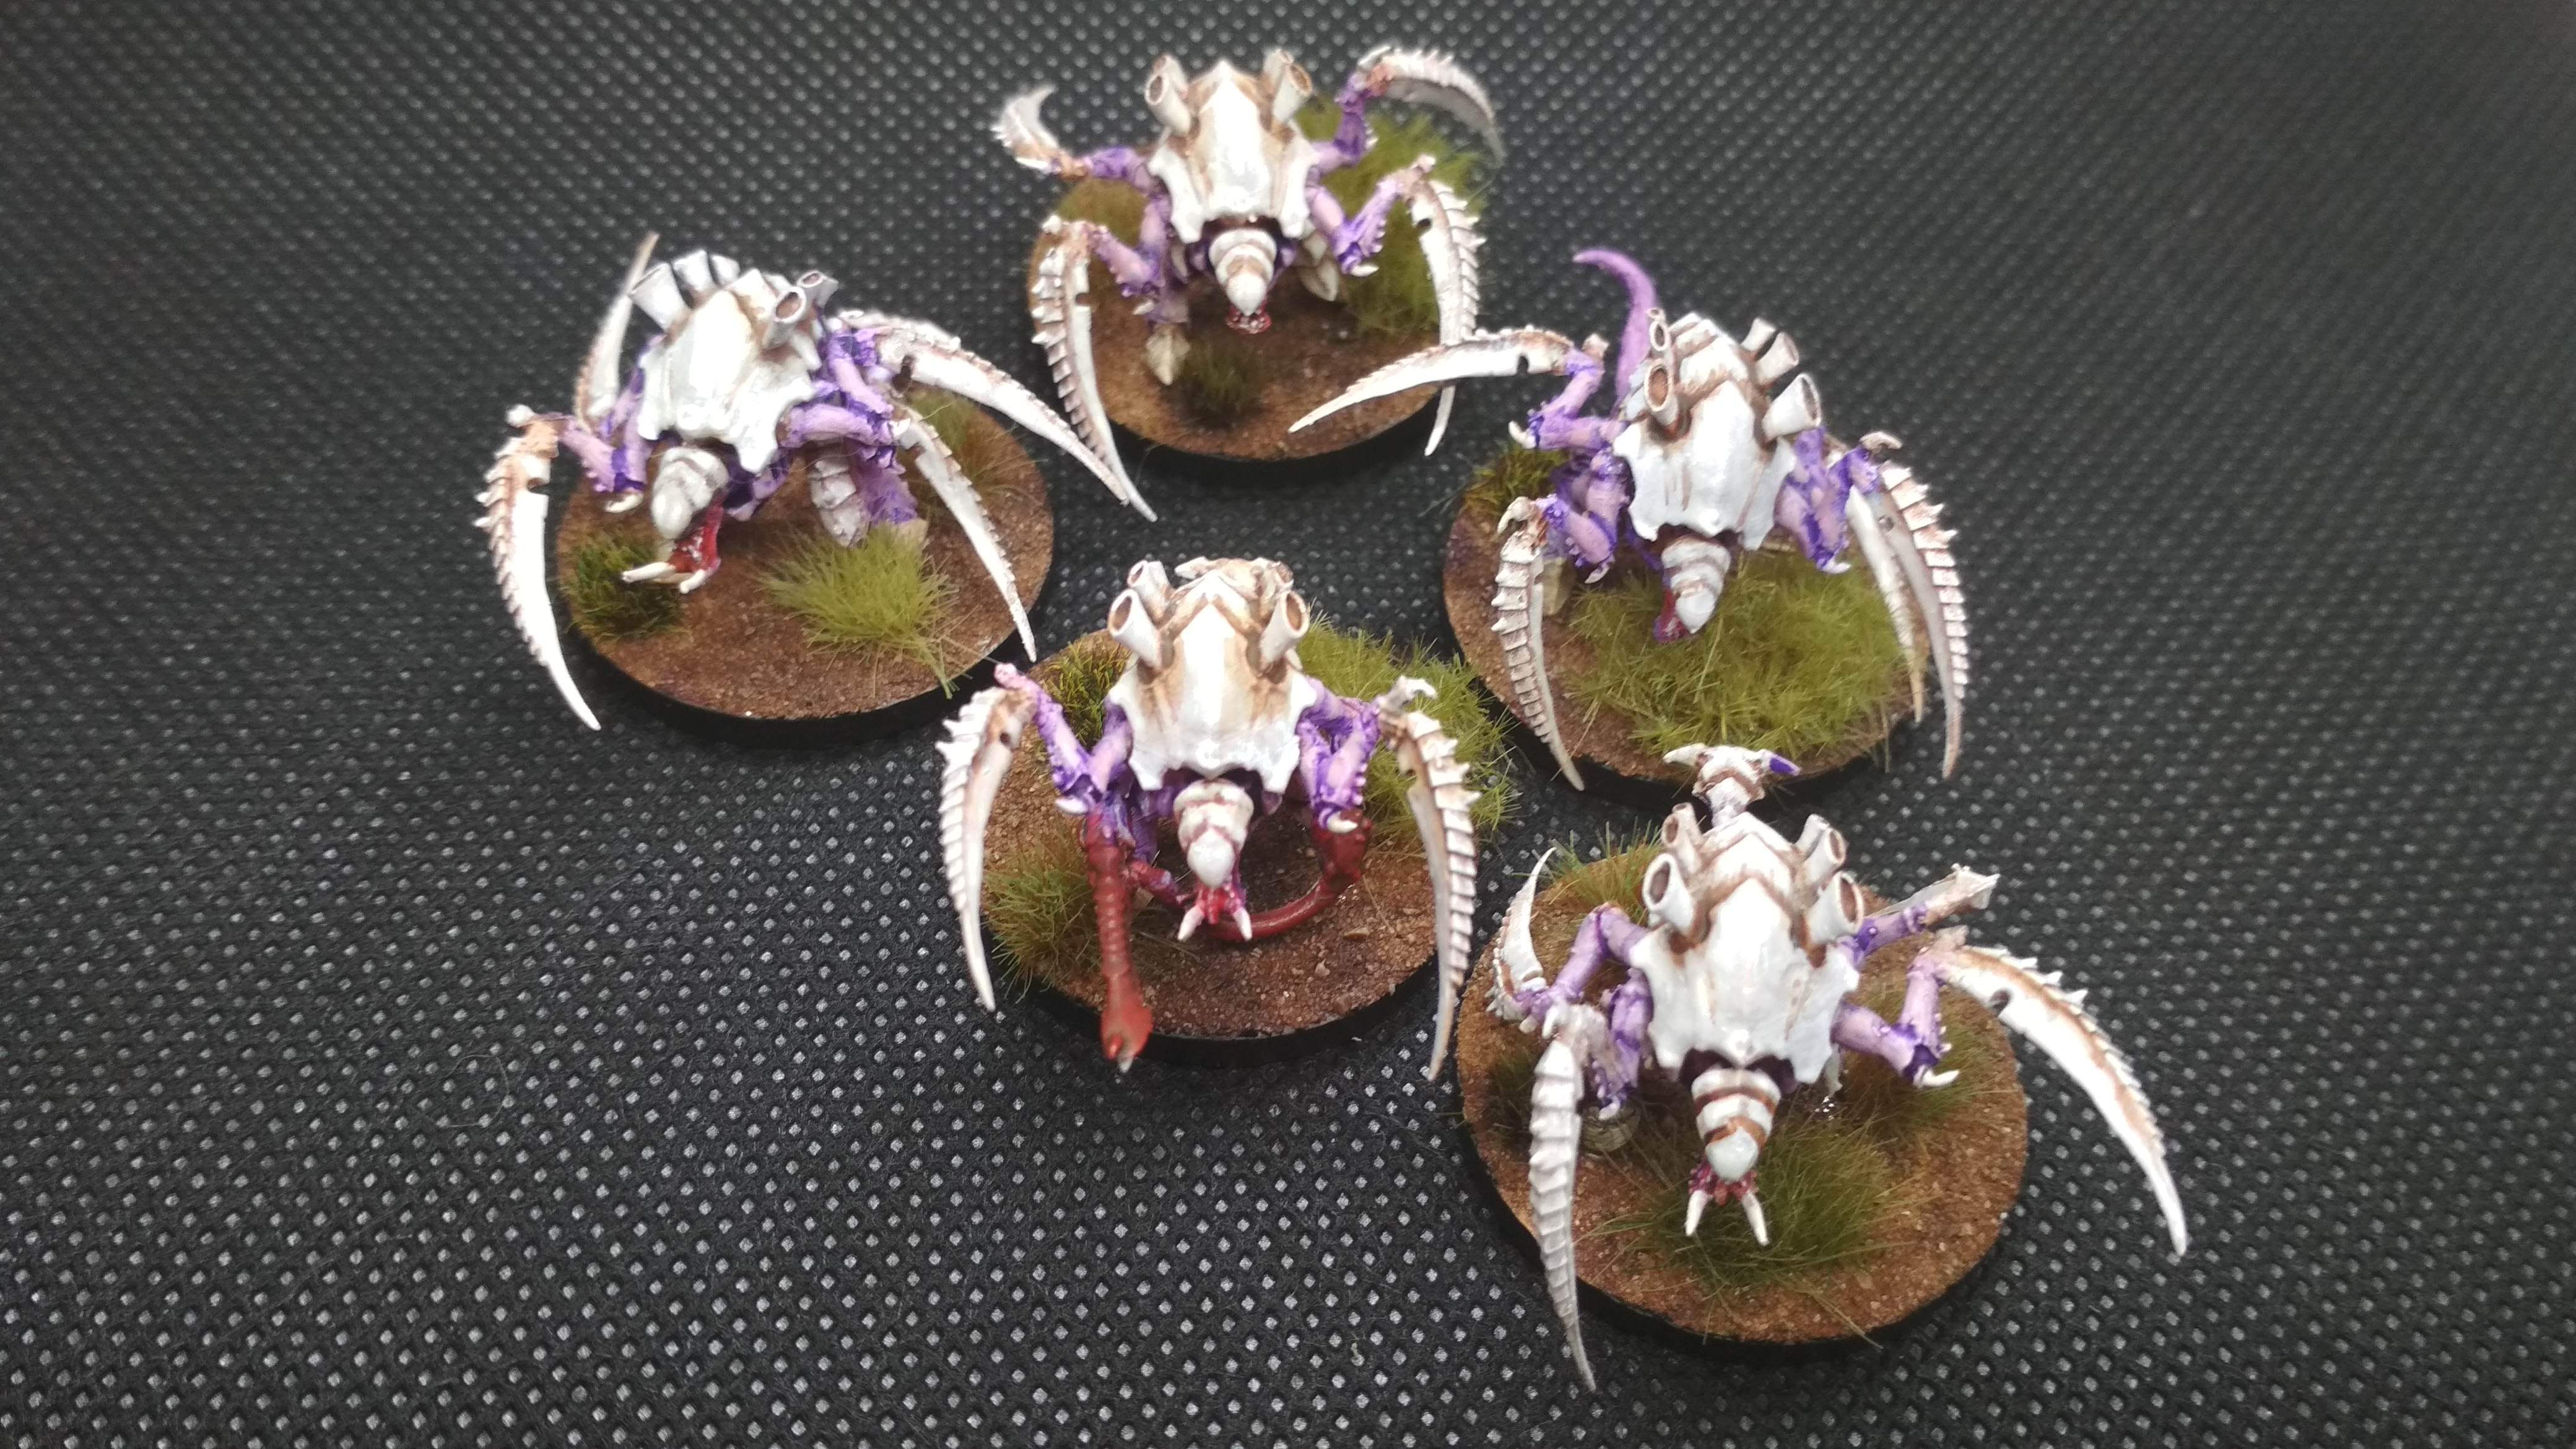 Adeptus titanicus carnifex swarm